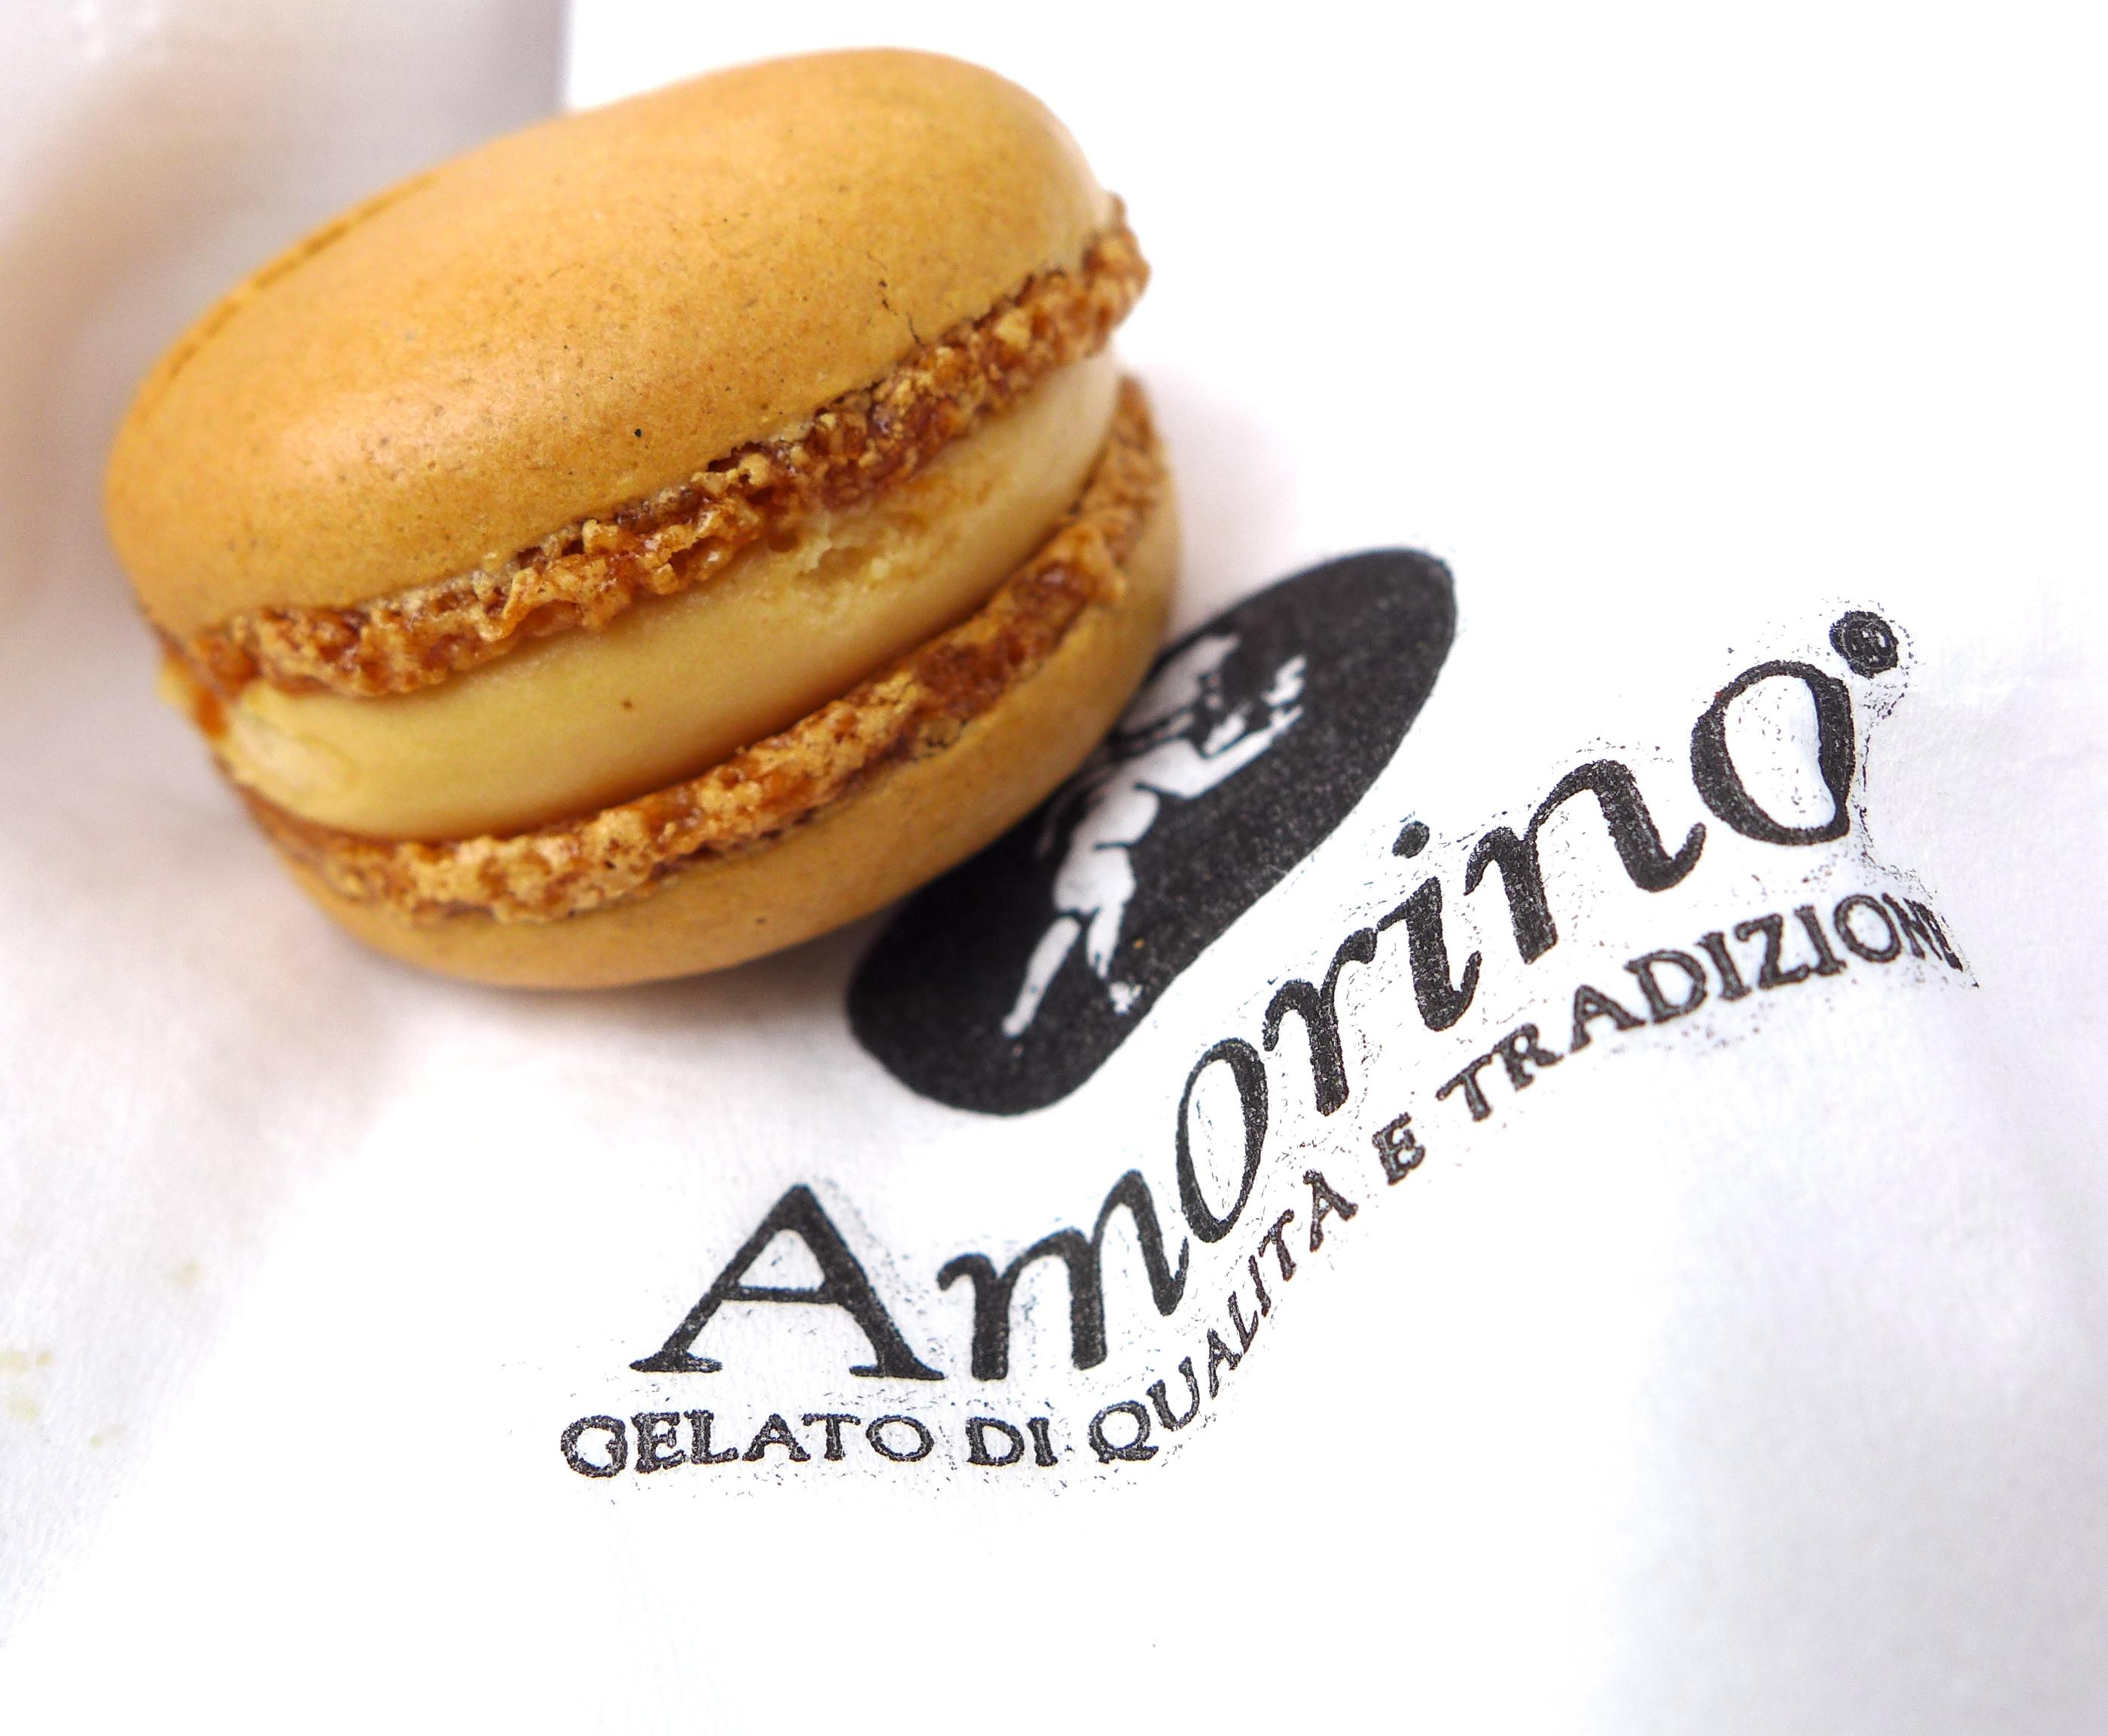 Amorino karamelli + suolavoi P1100745